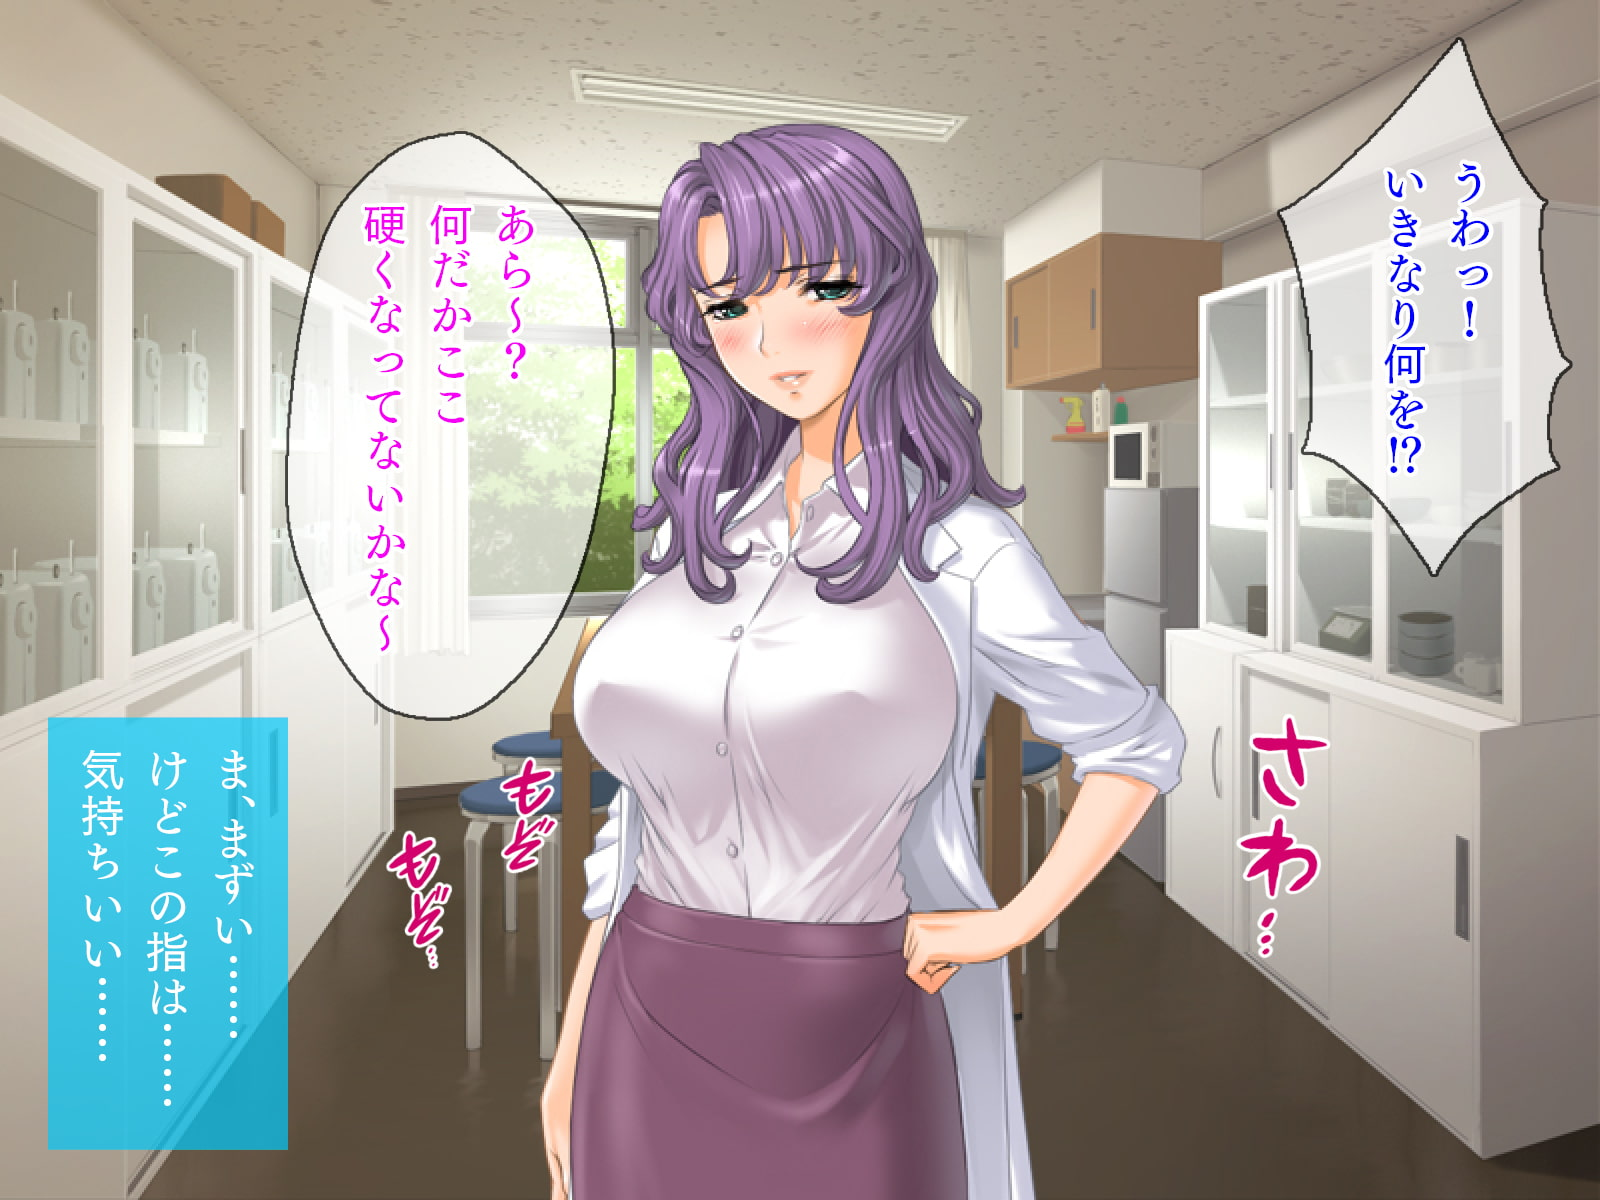 美巨乳マドンナ ~年下好き女教師と緊縛和服美人と母乳たっぷり人妻~